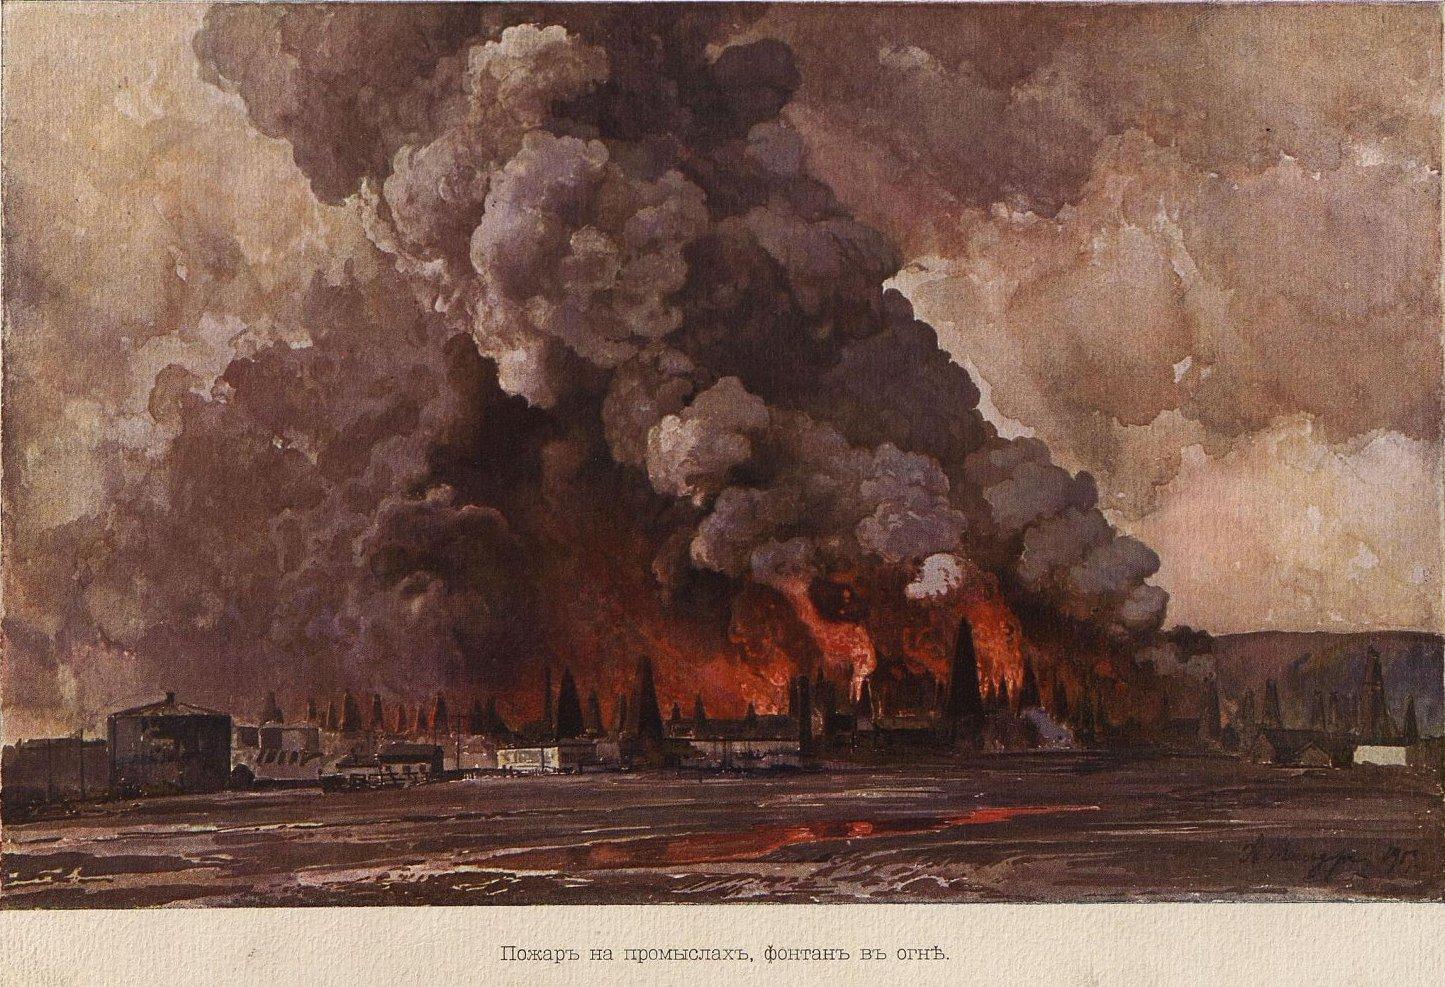 09. Пожар на промыслах, фонтан в огне